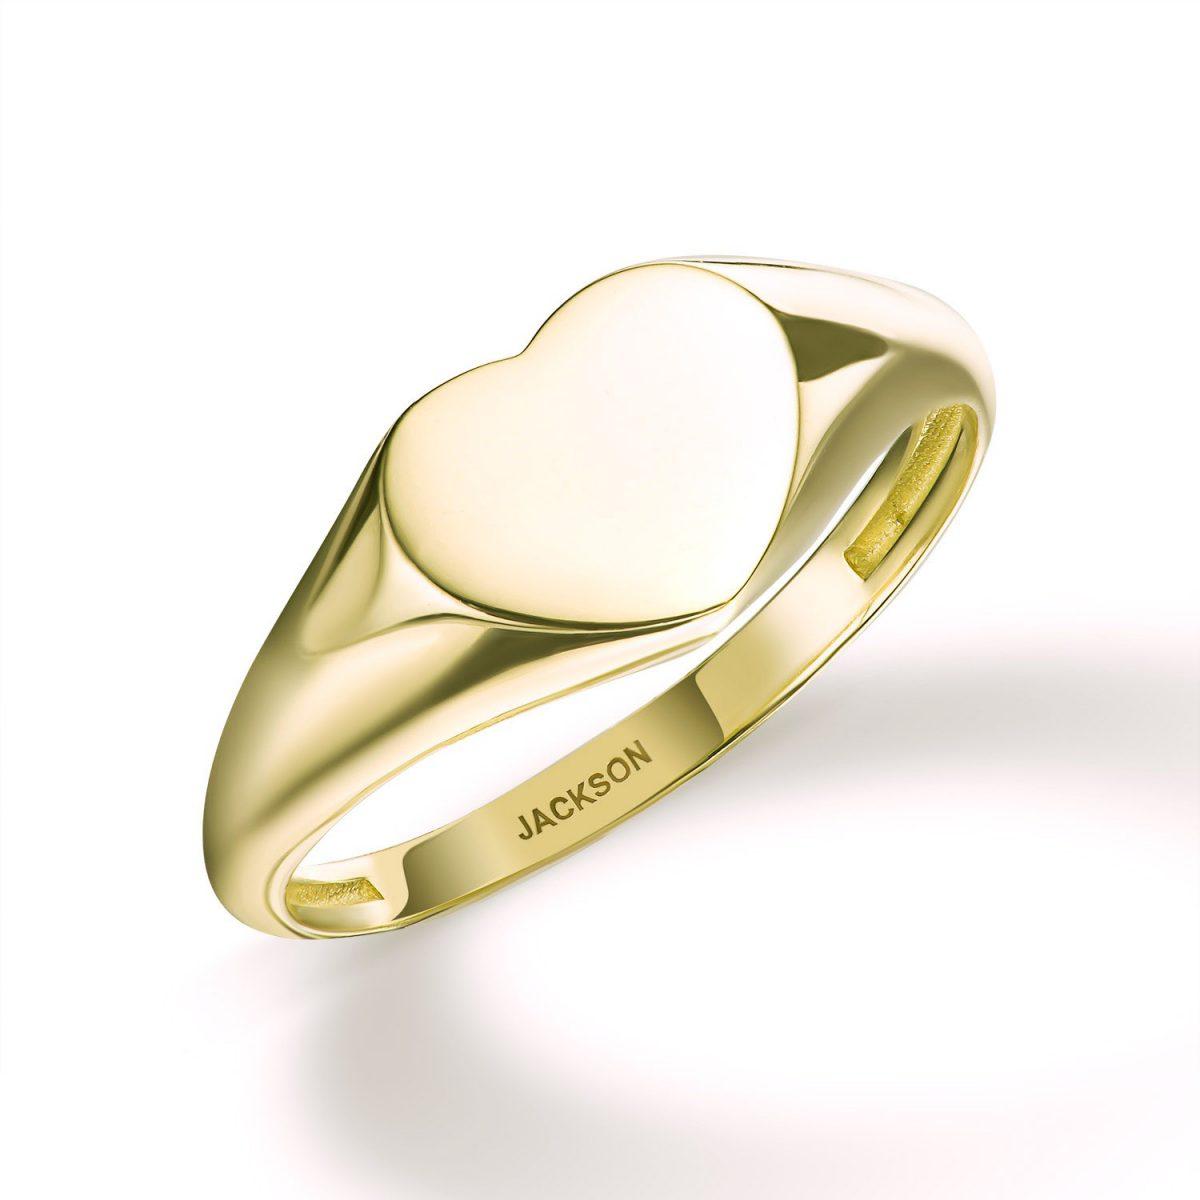 טבעת זהב - לב מושלם - זהב צהוב